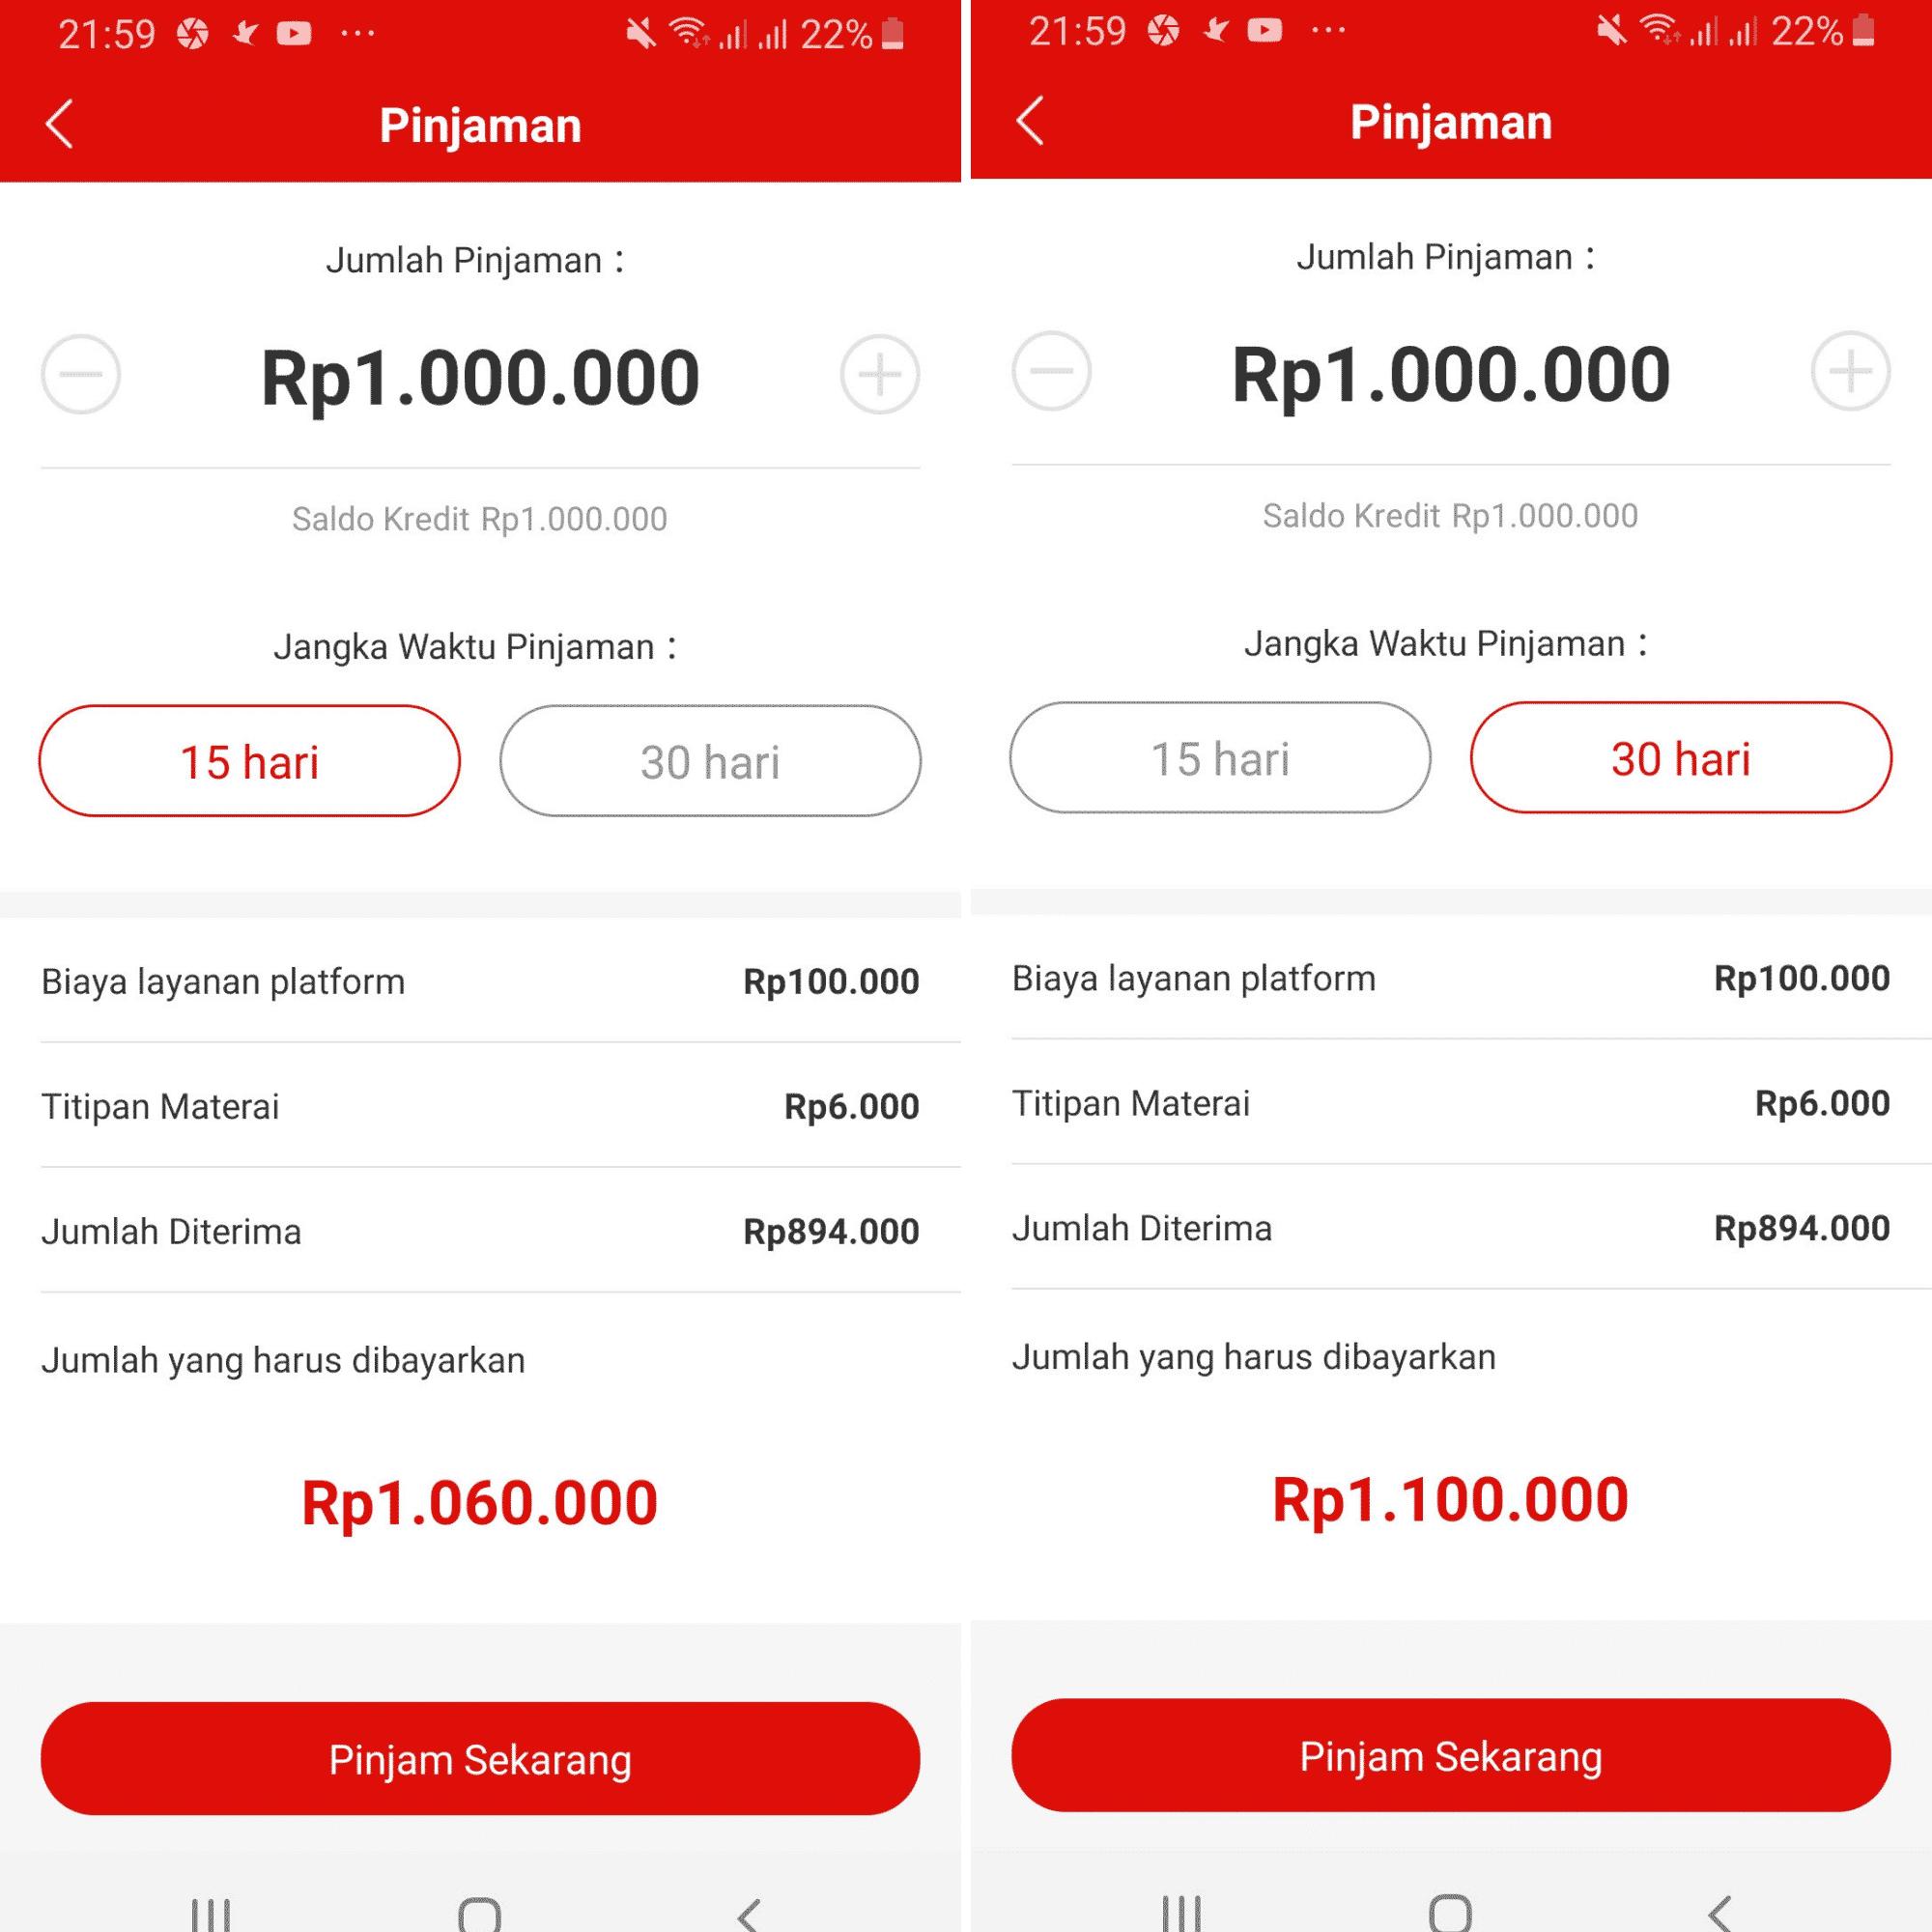 Produk Pinjaman Koperasi Online KreditQ. Koperasi Tanpa Jaminan dan Koperasi Simpan Pinjam.